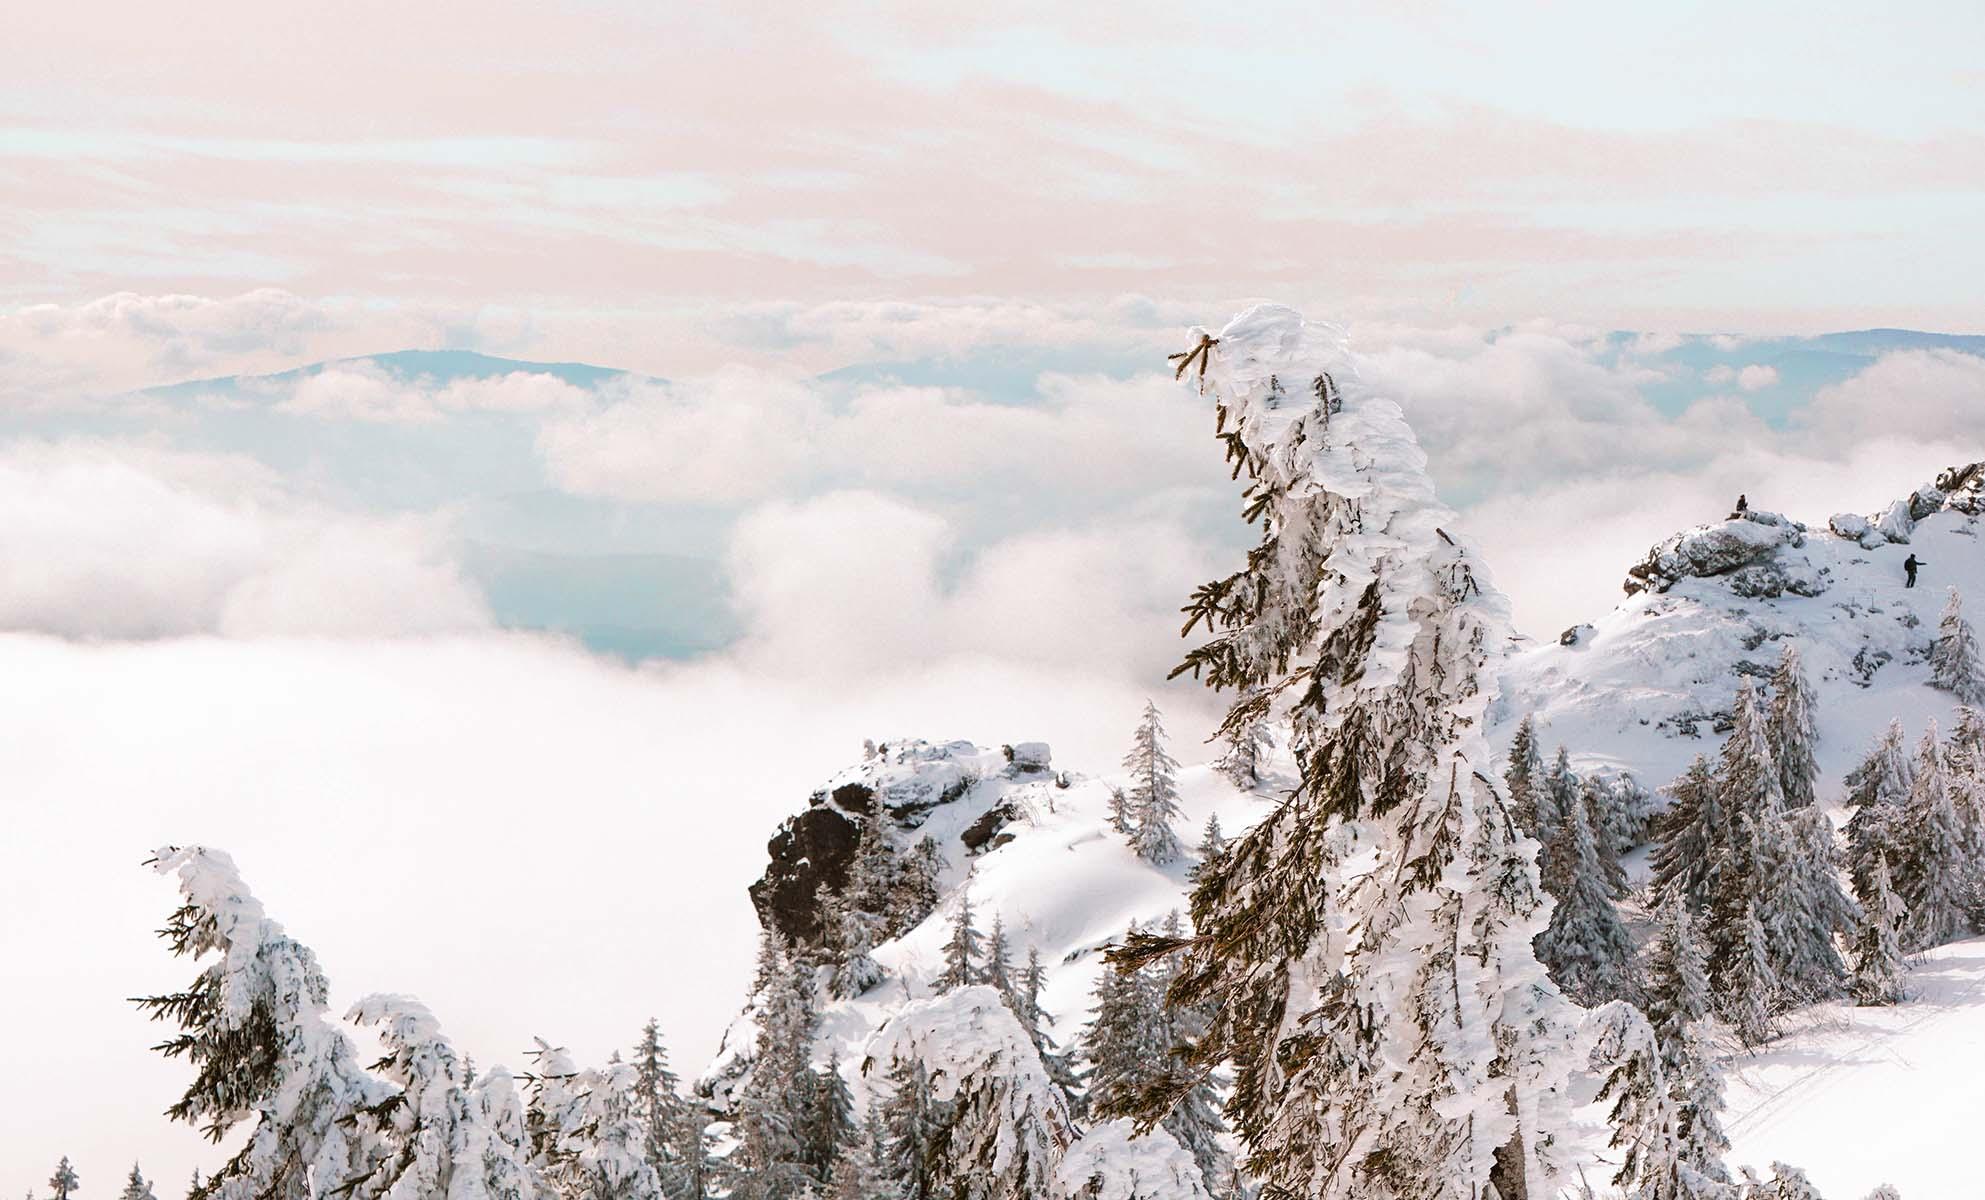 schneeschuhwanderung-arber-landschaft-schnee-wolken-berg